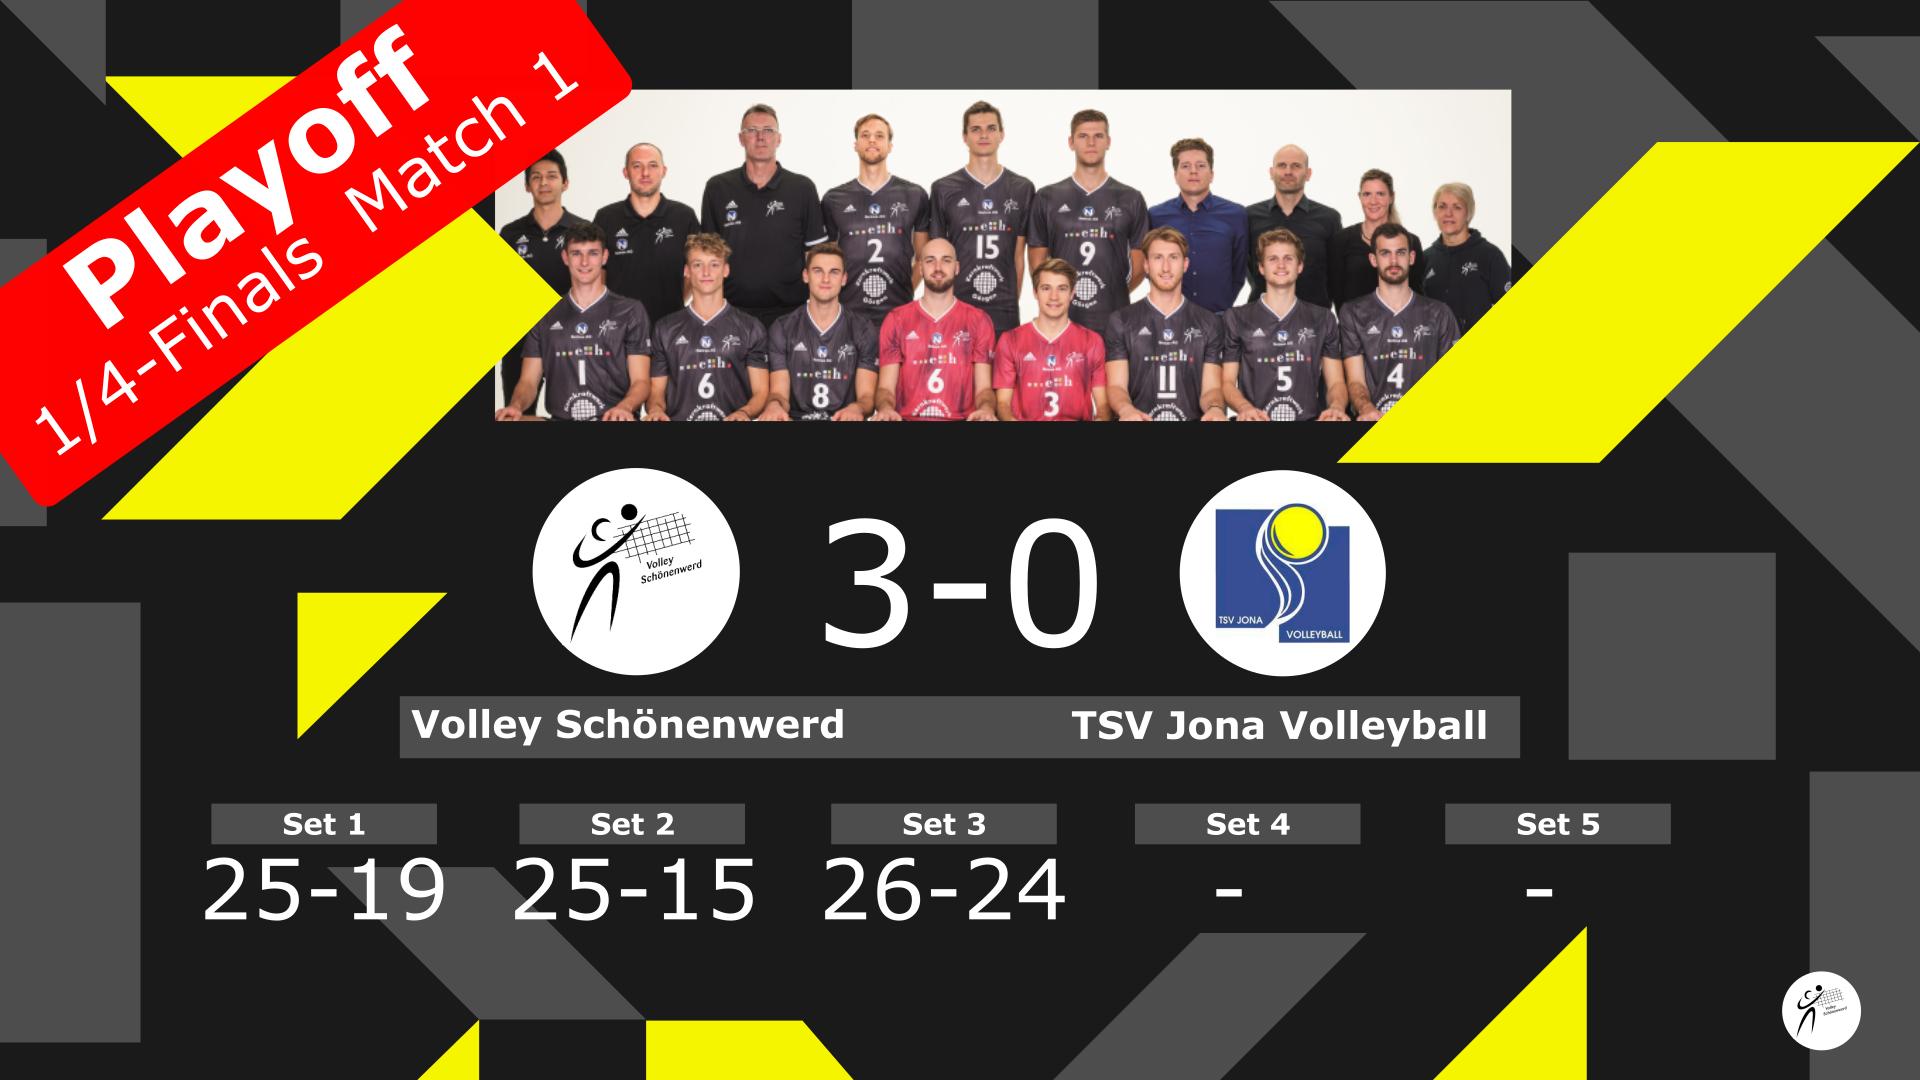 Playoff 1/4-Final, Spiel 1: Volley Schönenwerd – TSV Jona Volleyball